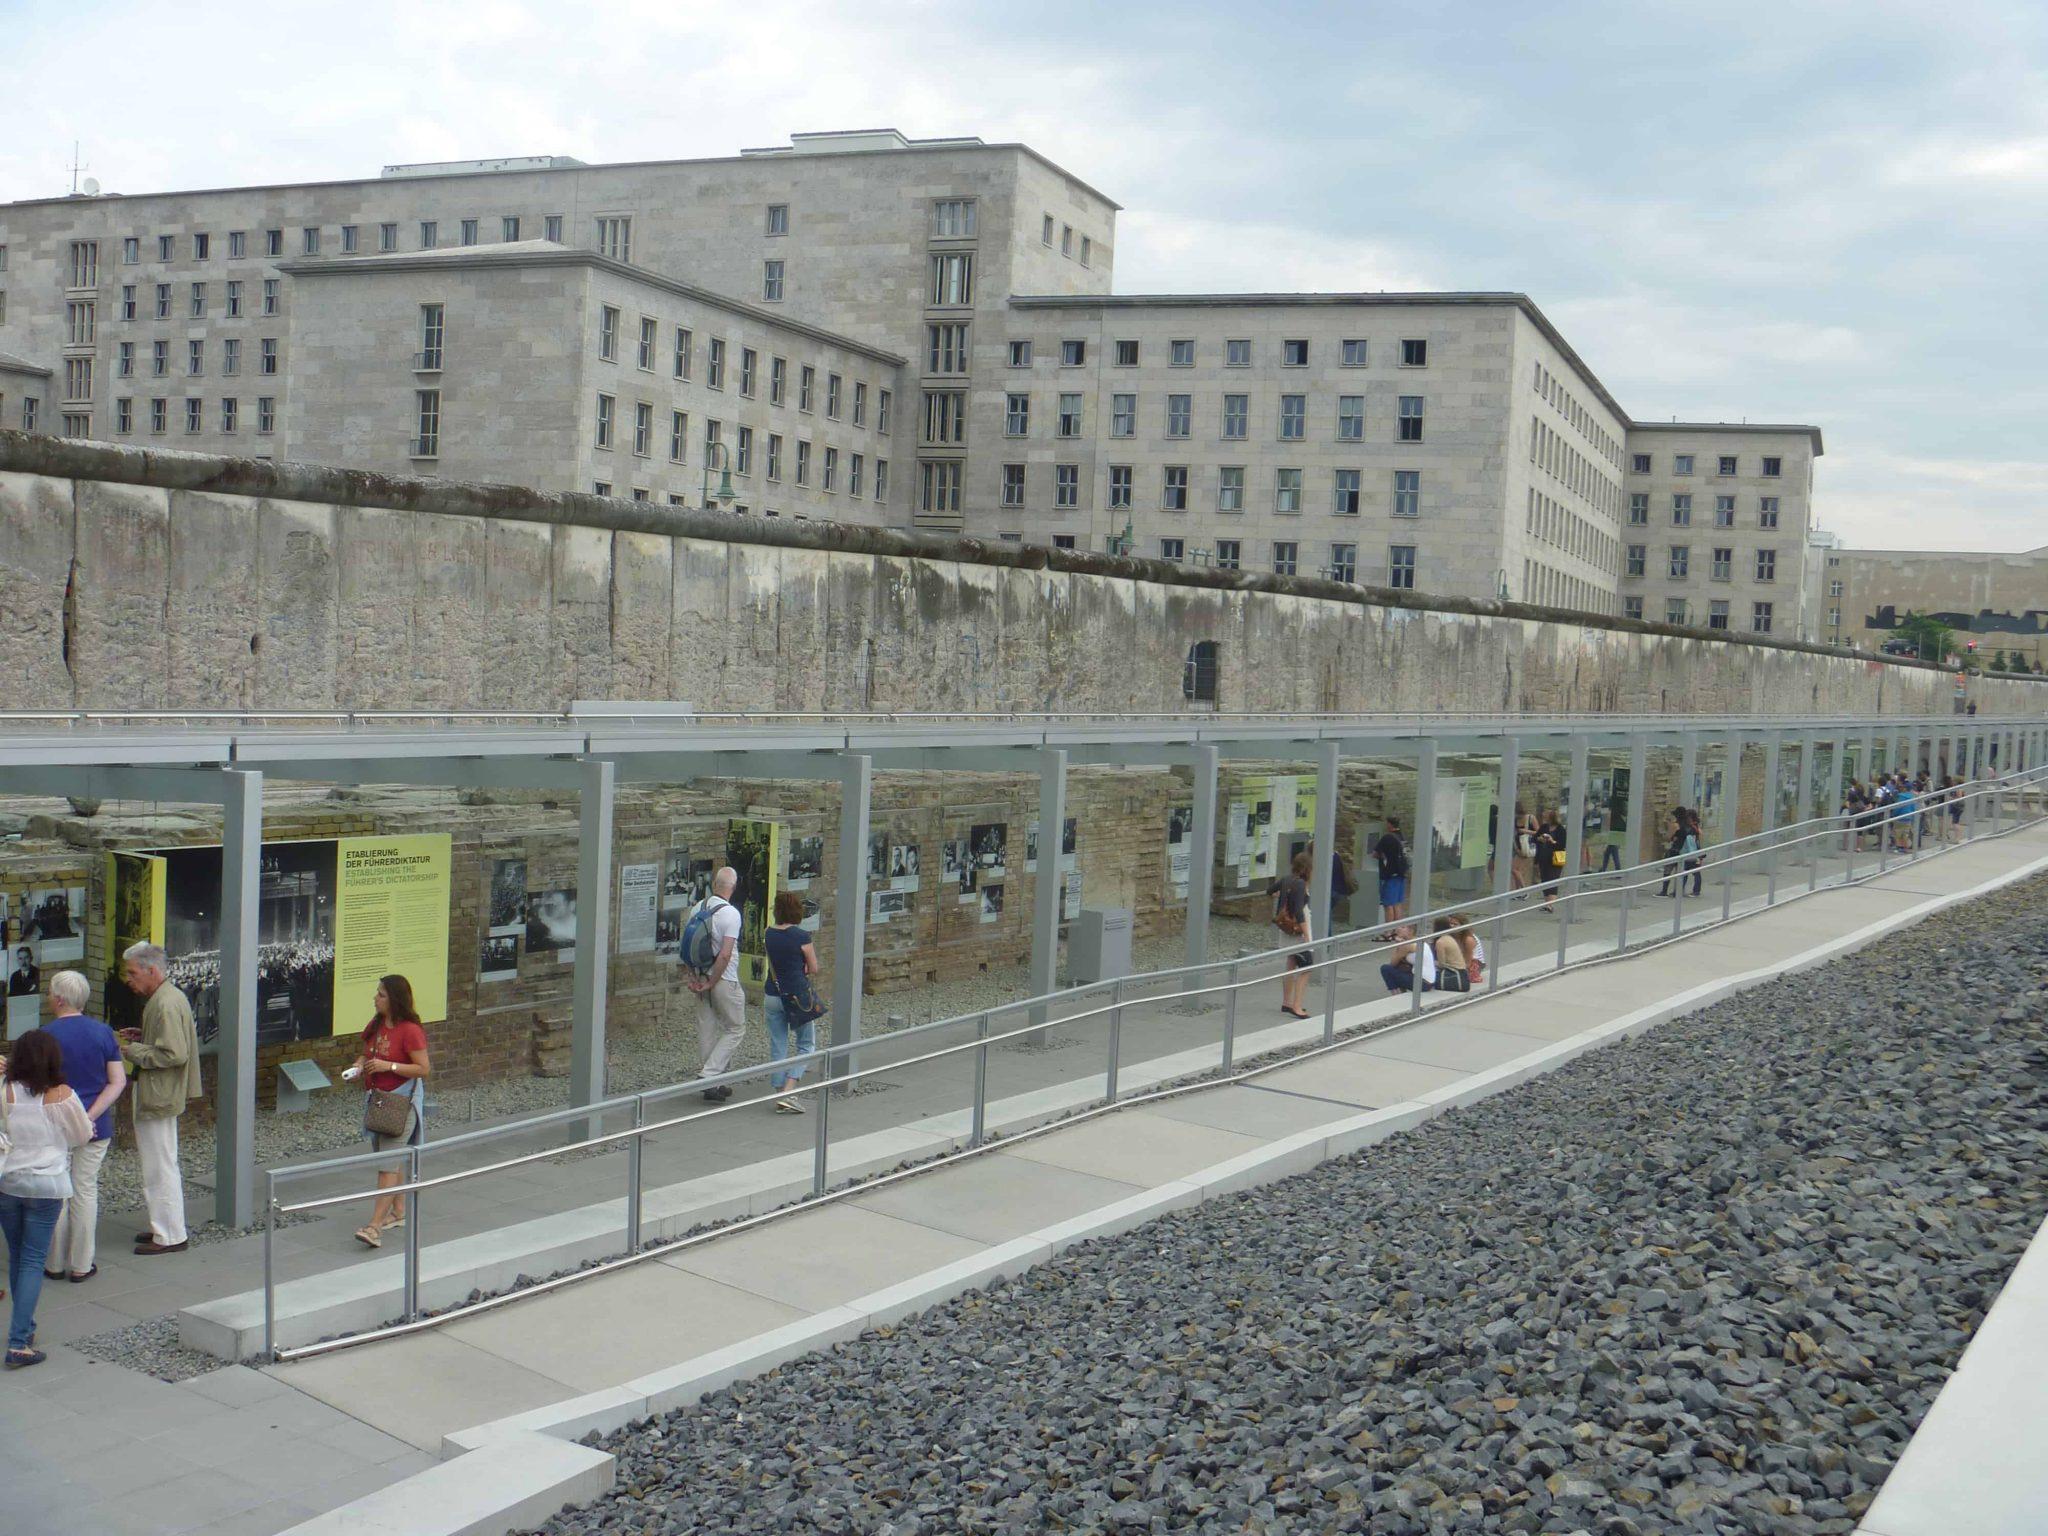 Muro com uma linha do tempo do Nazismo